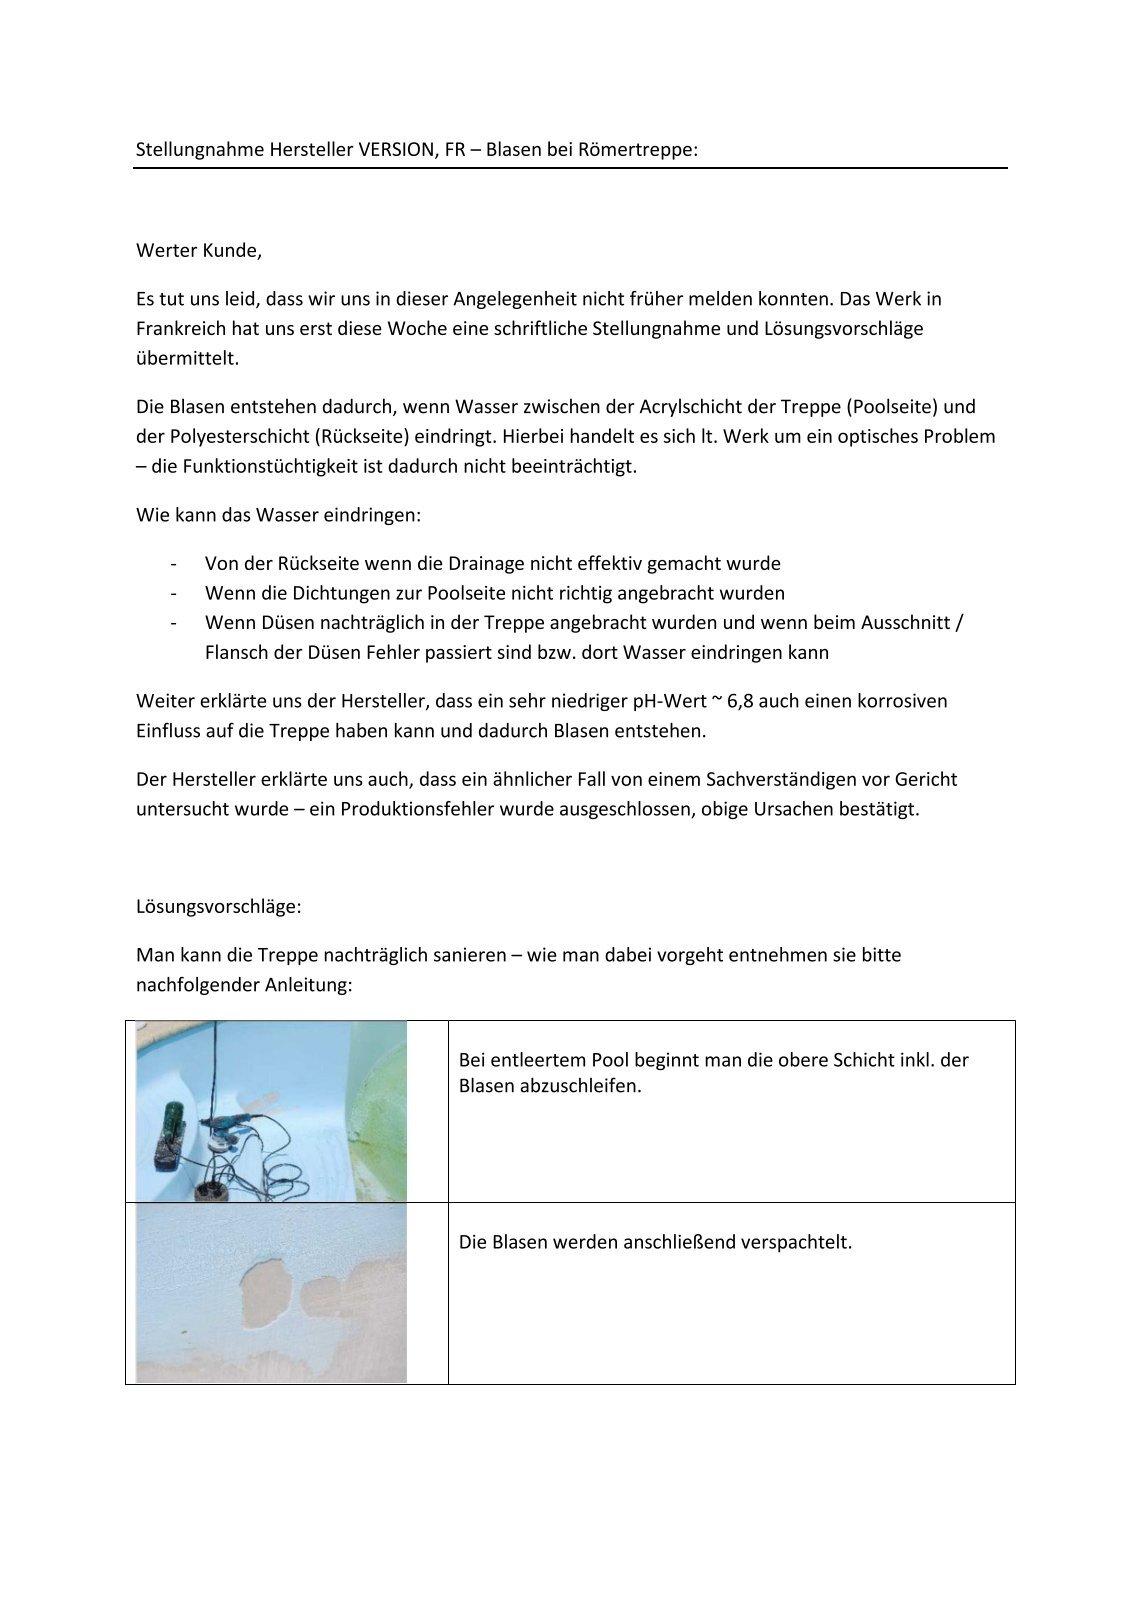 Niedlich Wie Man Eindringt Ideen - Elektrische Schaltplan-Ideen ...